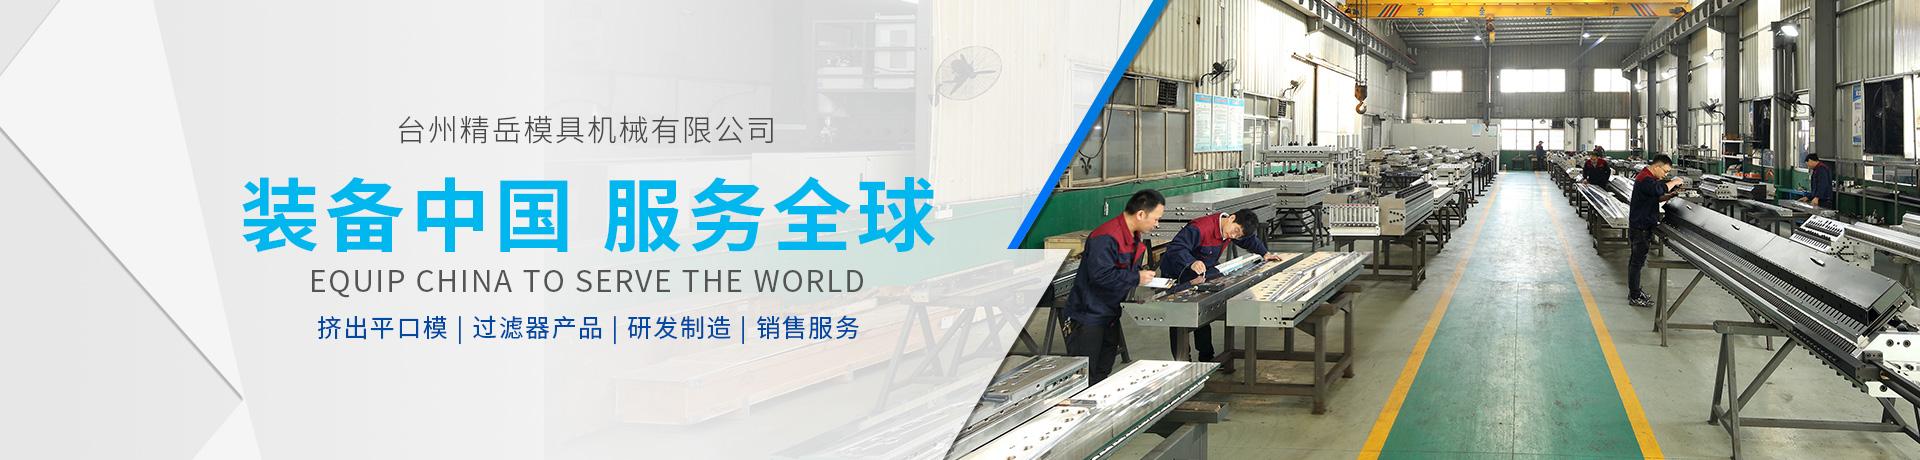 台州精岳模具机械有限公司